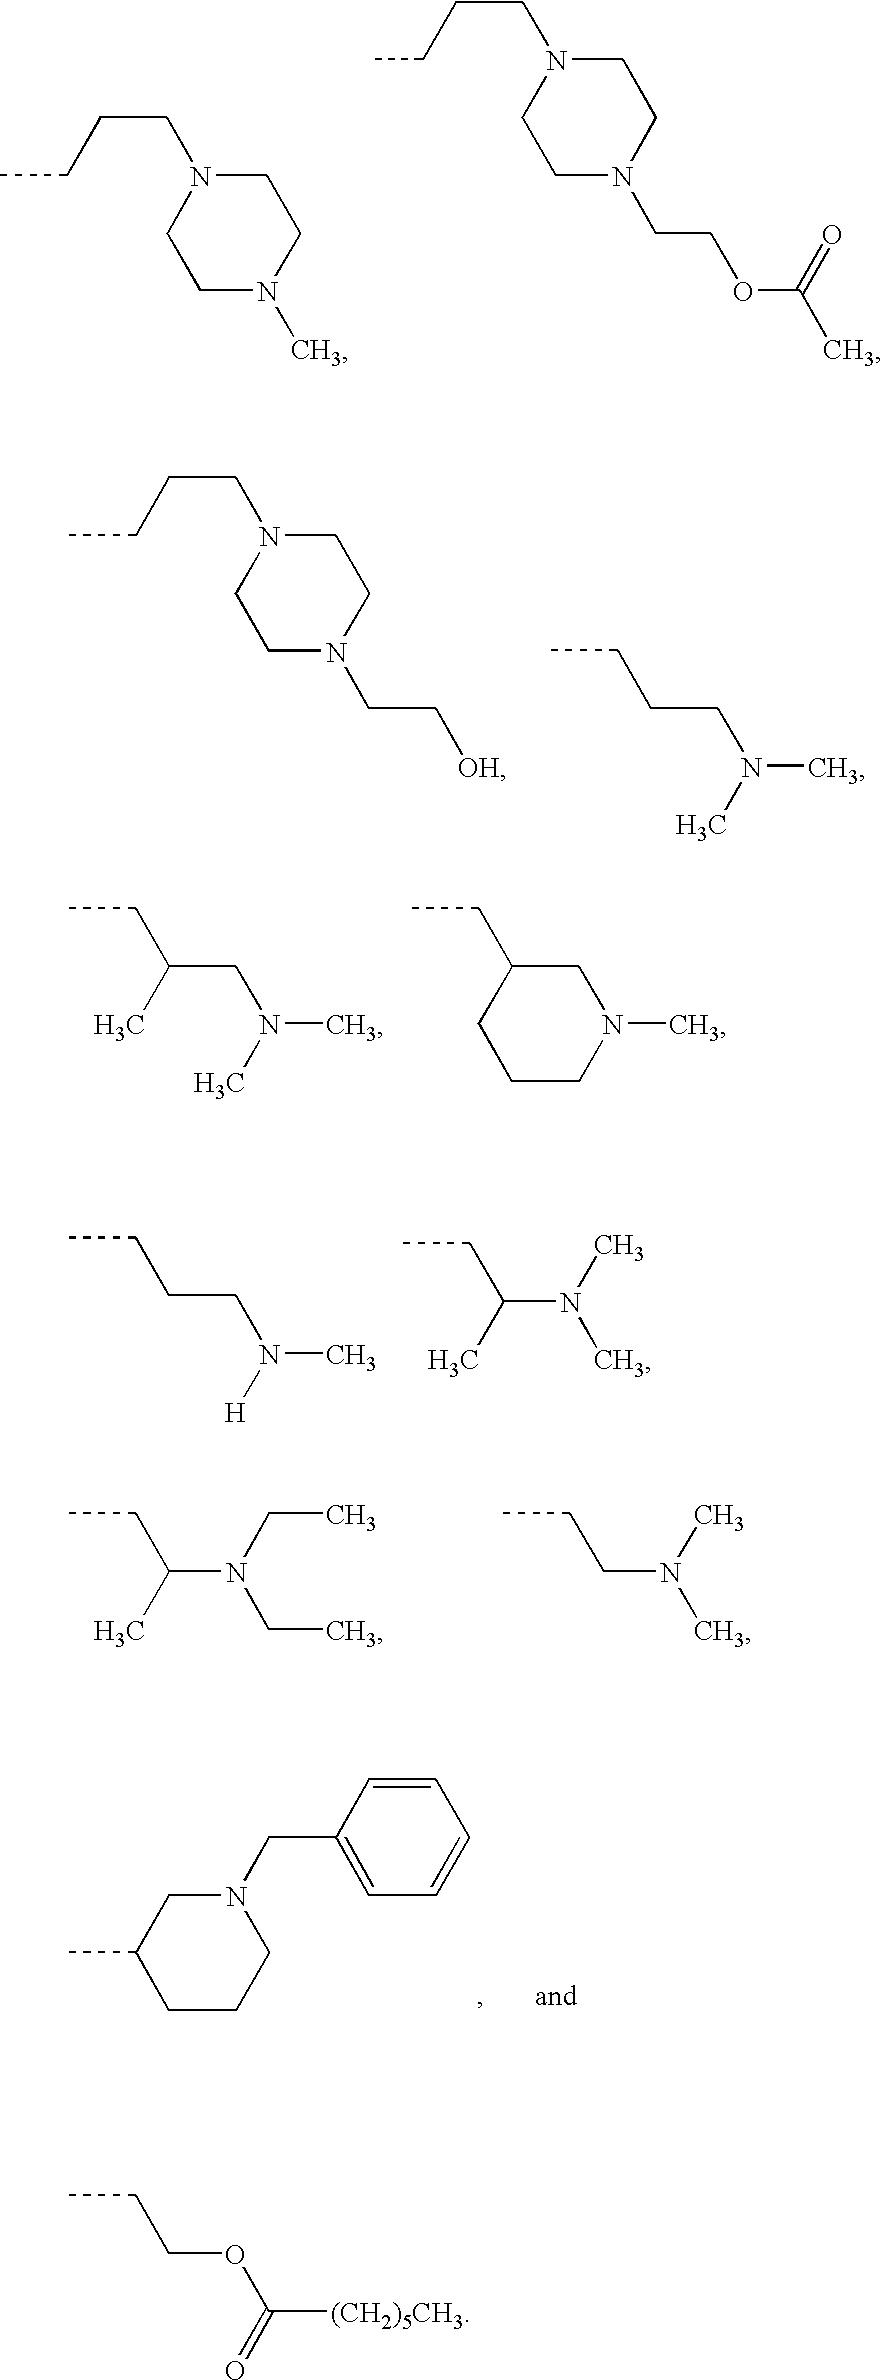 Figure US20070208134A1-20070906-C00203